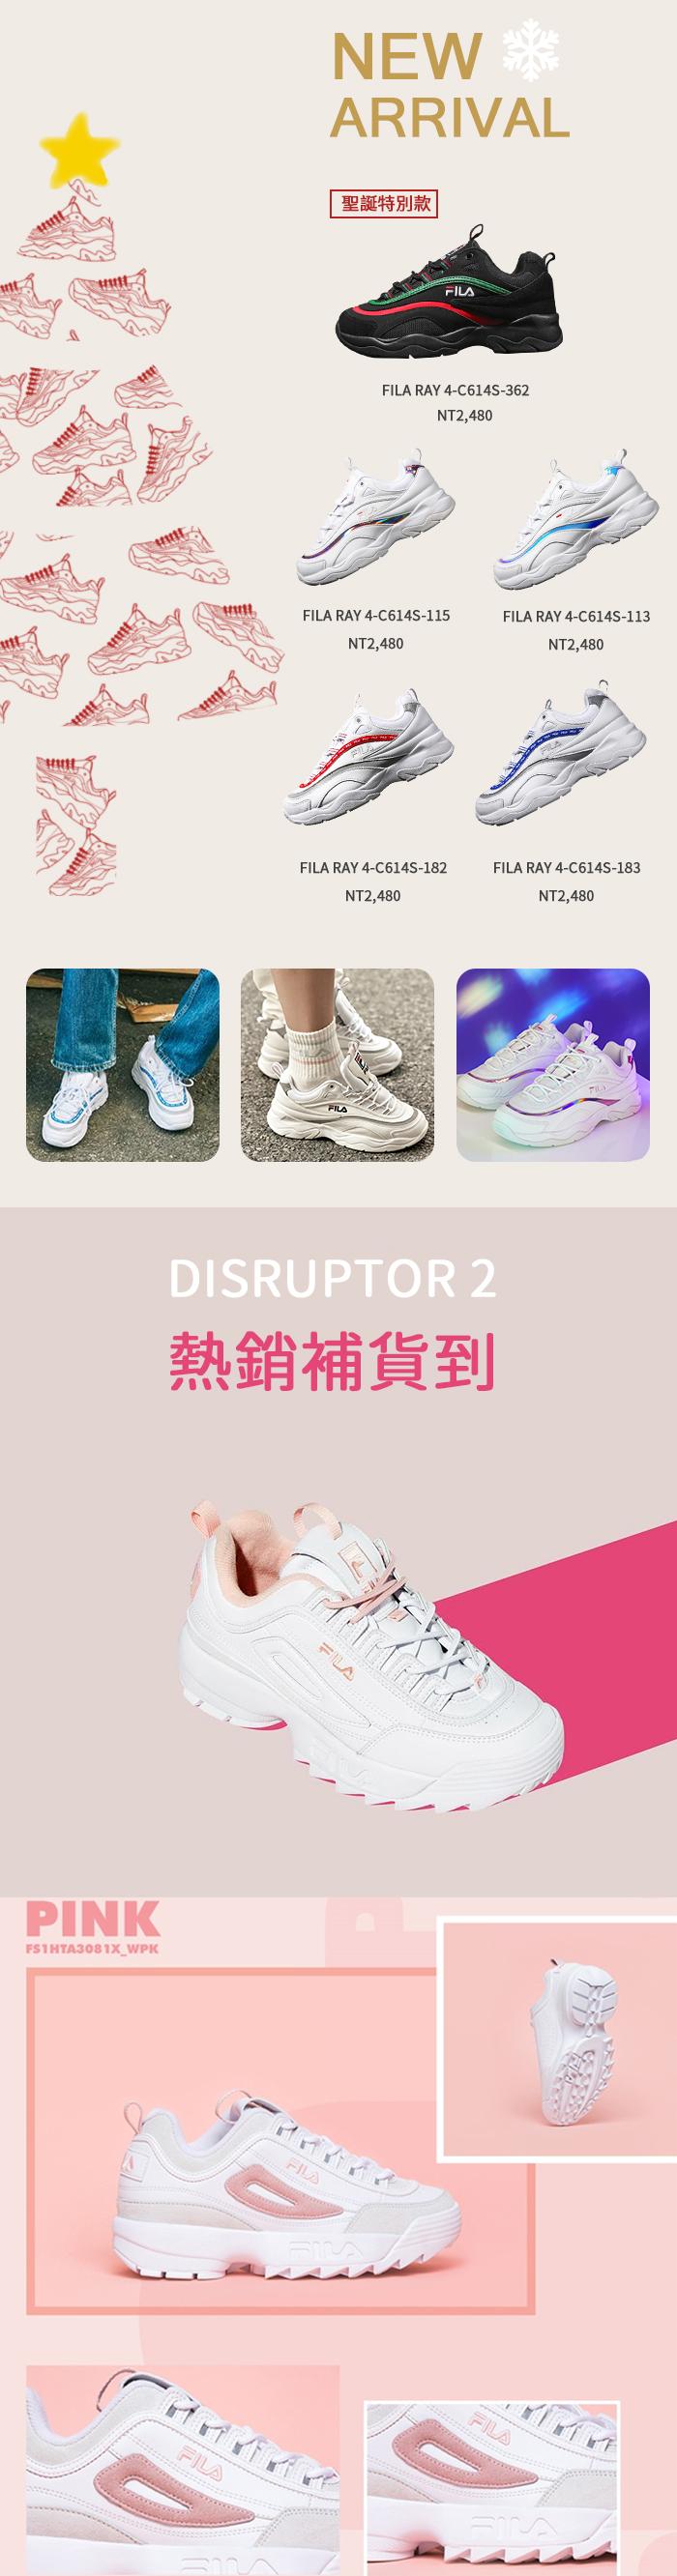 老爹鞋新品上市